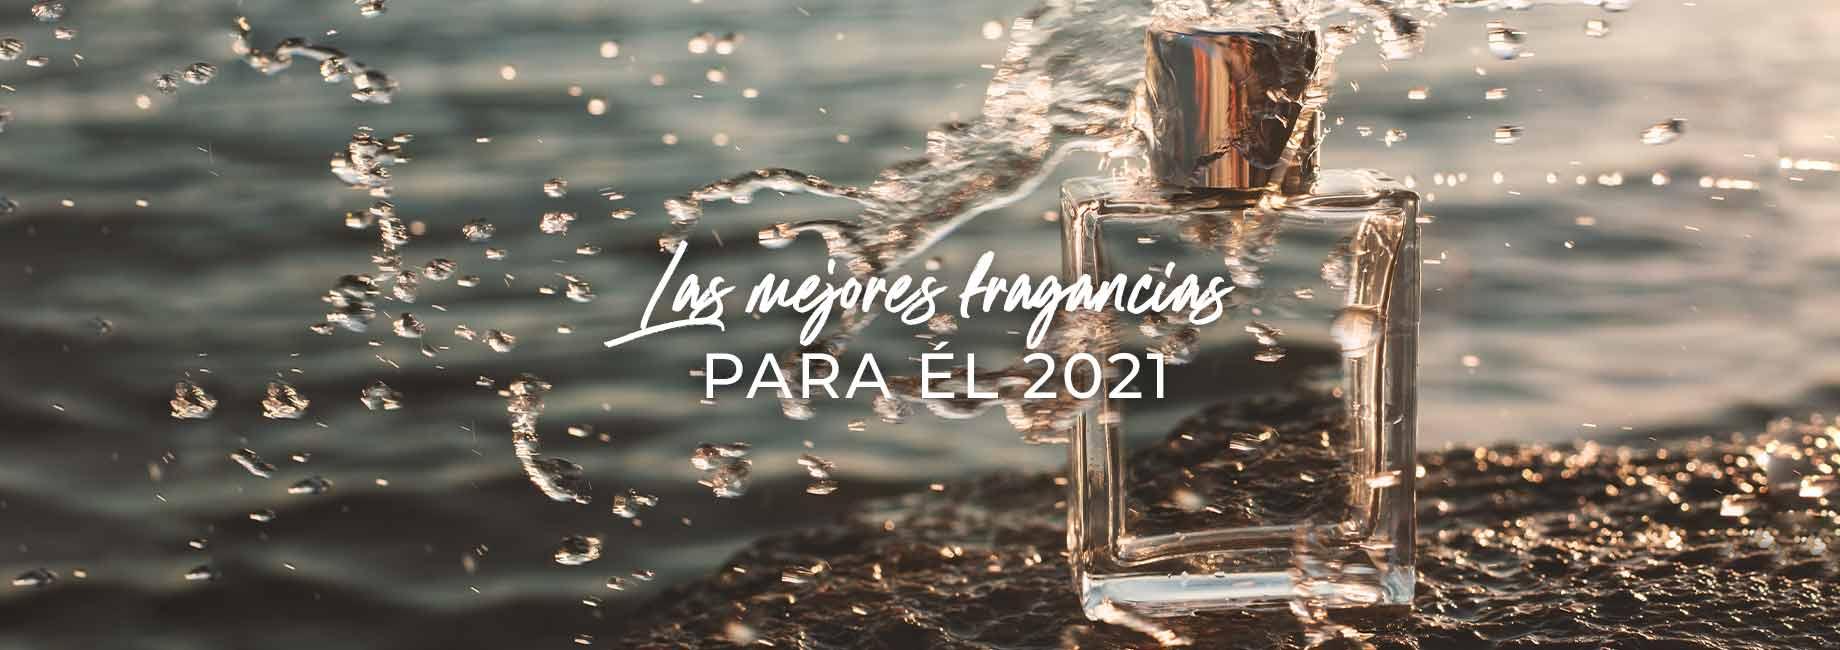 fragancias-y-perfumes-favoritos-para-el-del-2021